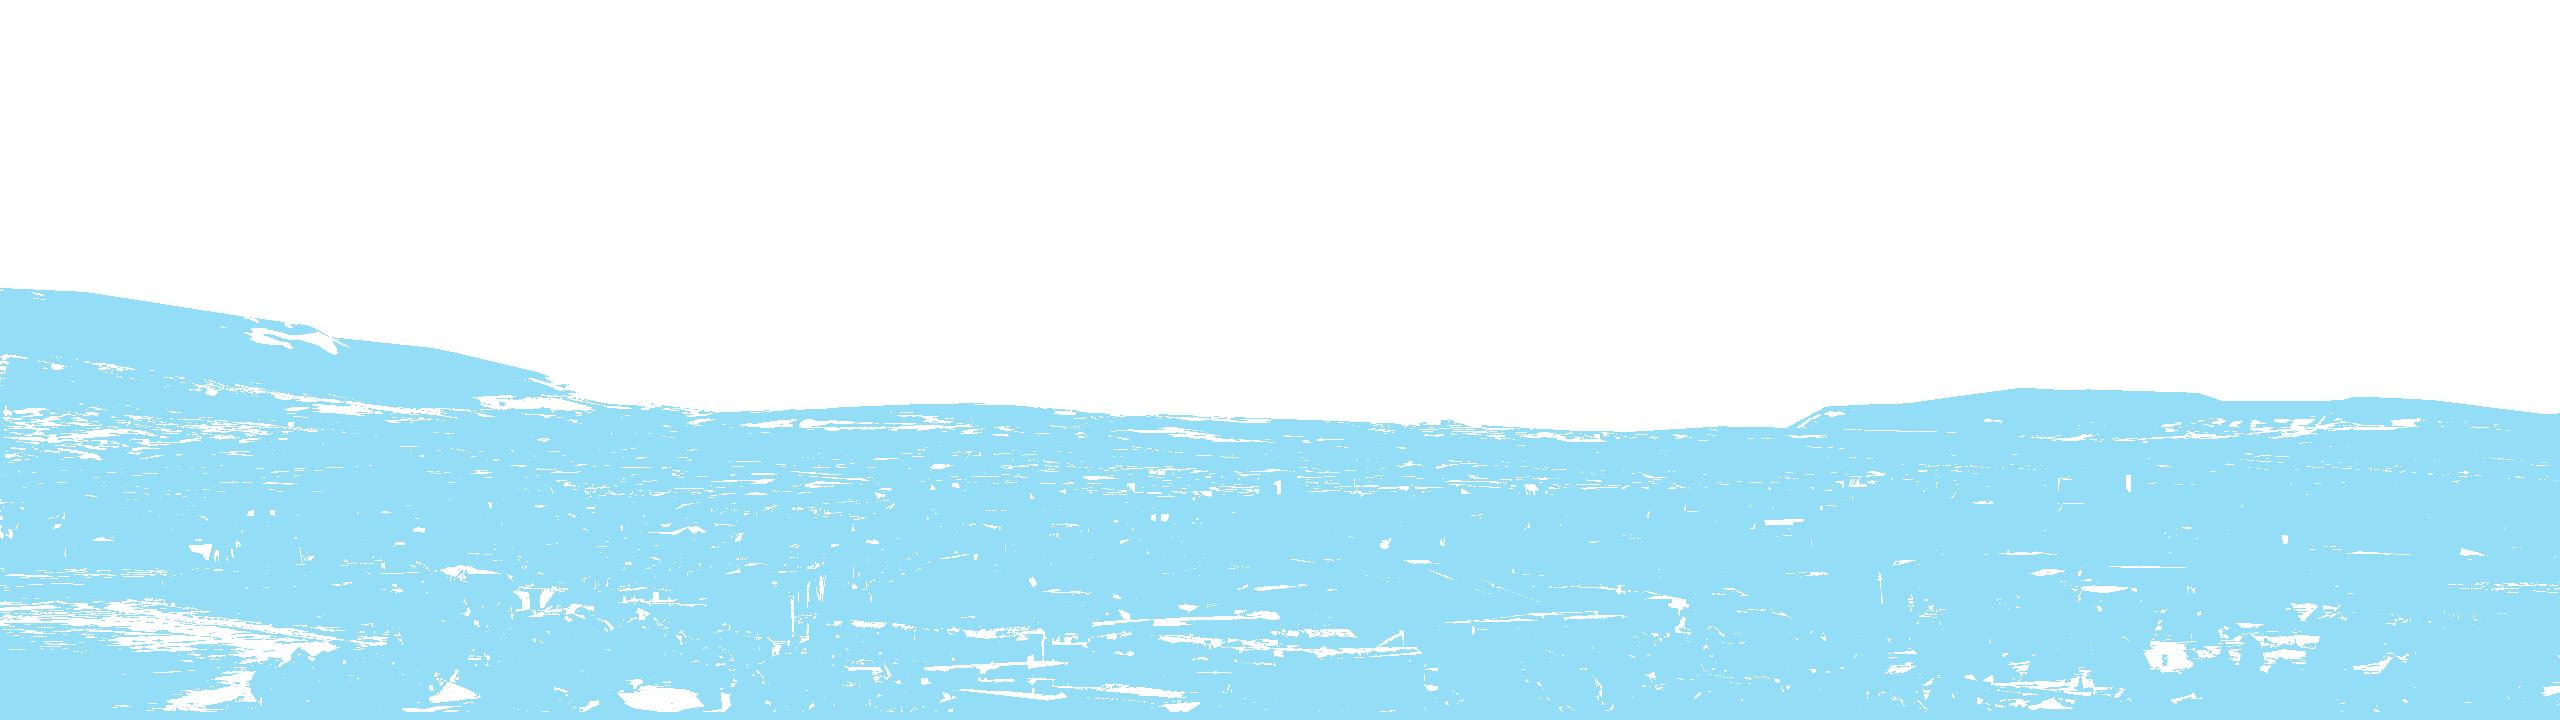 BITMAP_9